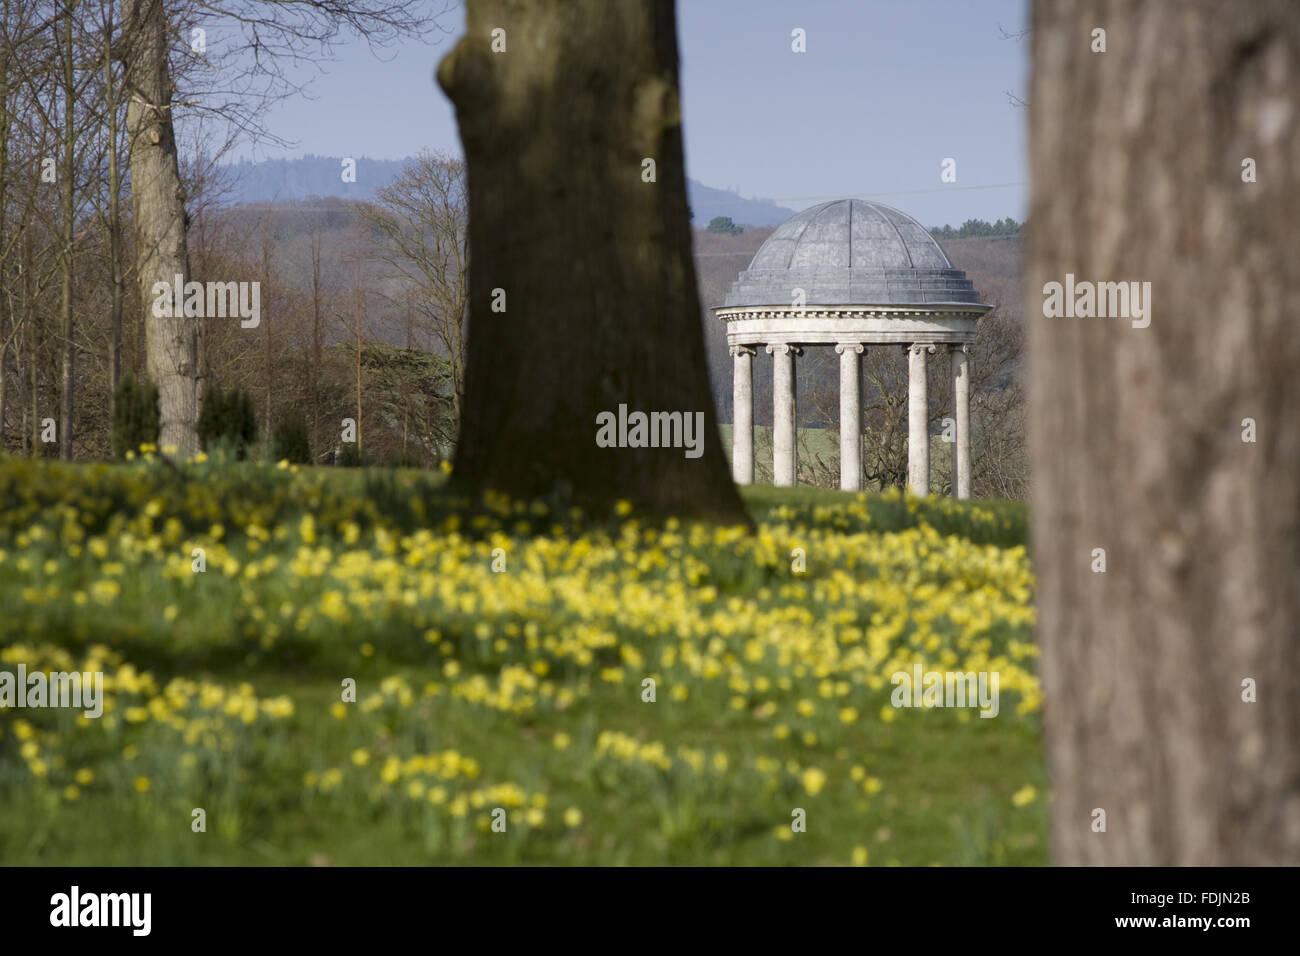 La rotonda construida en 1766, y narcisos en el parque en Petworth House, West Sussex. La rotonda iónico puede haber sido diseñado por Matthew Brettingham inspirado probablemente por Vanbrugh's rotundas. Foto de stock